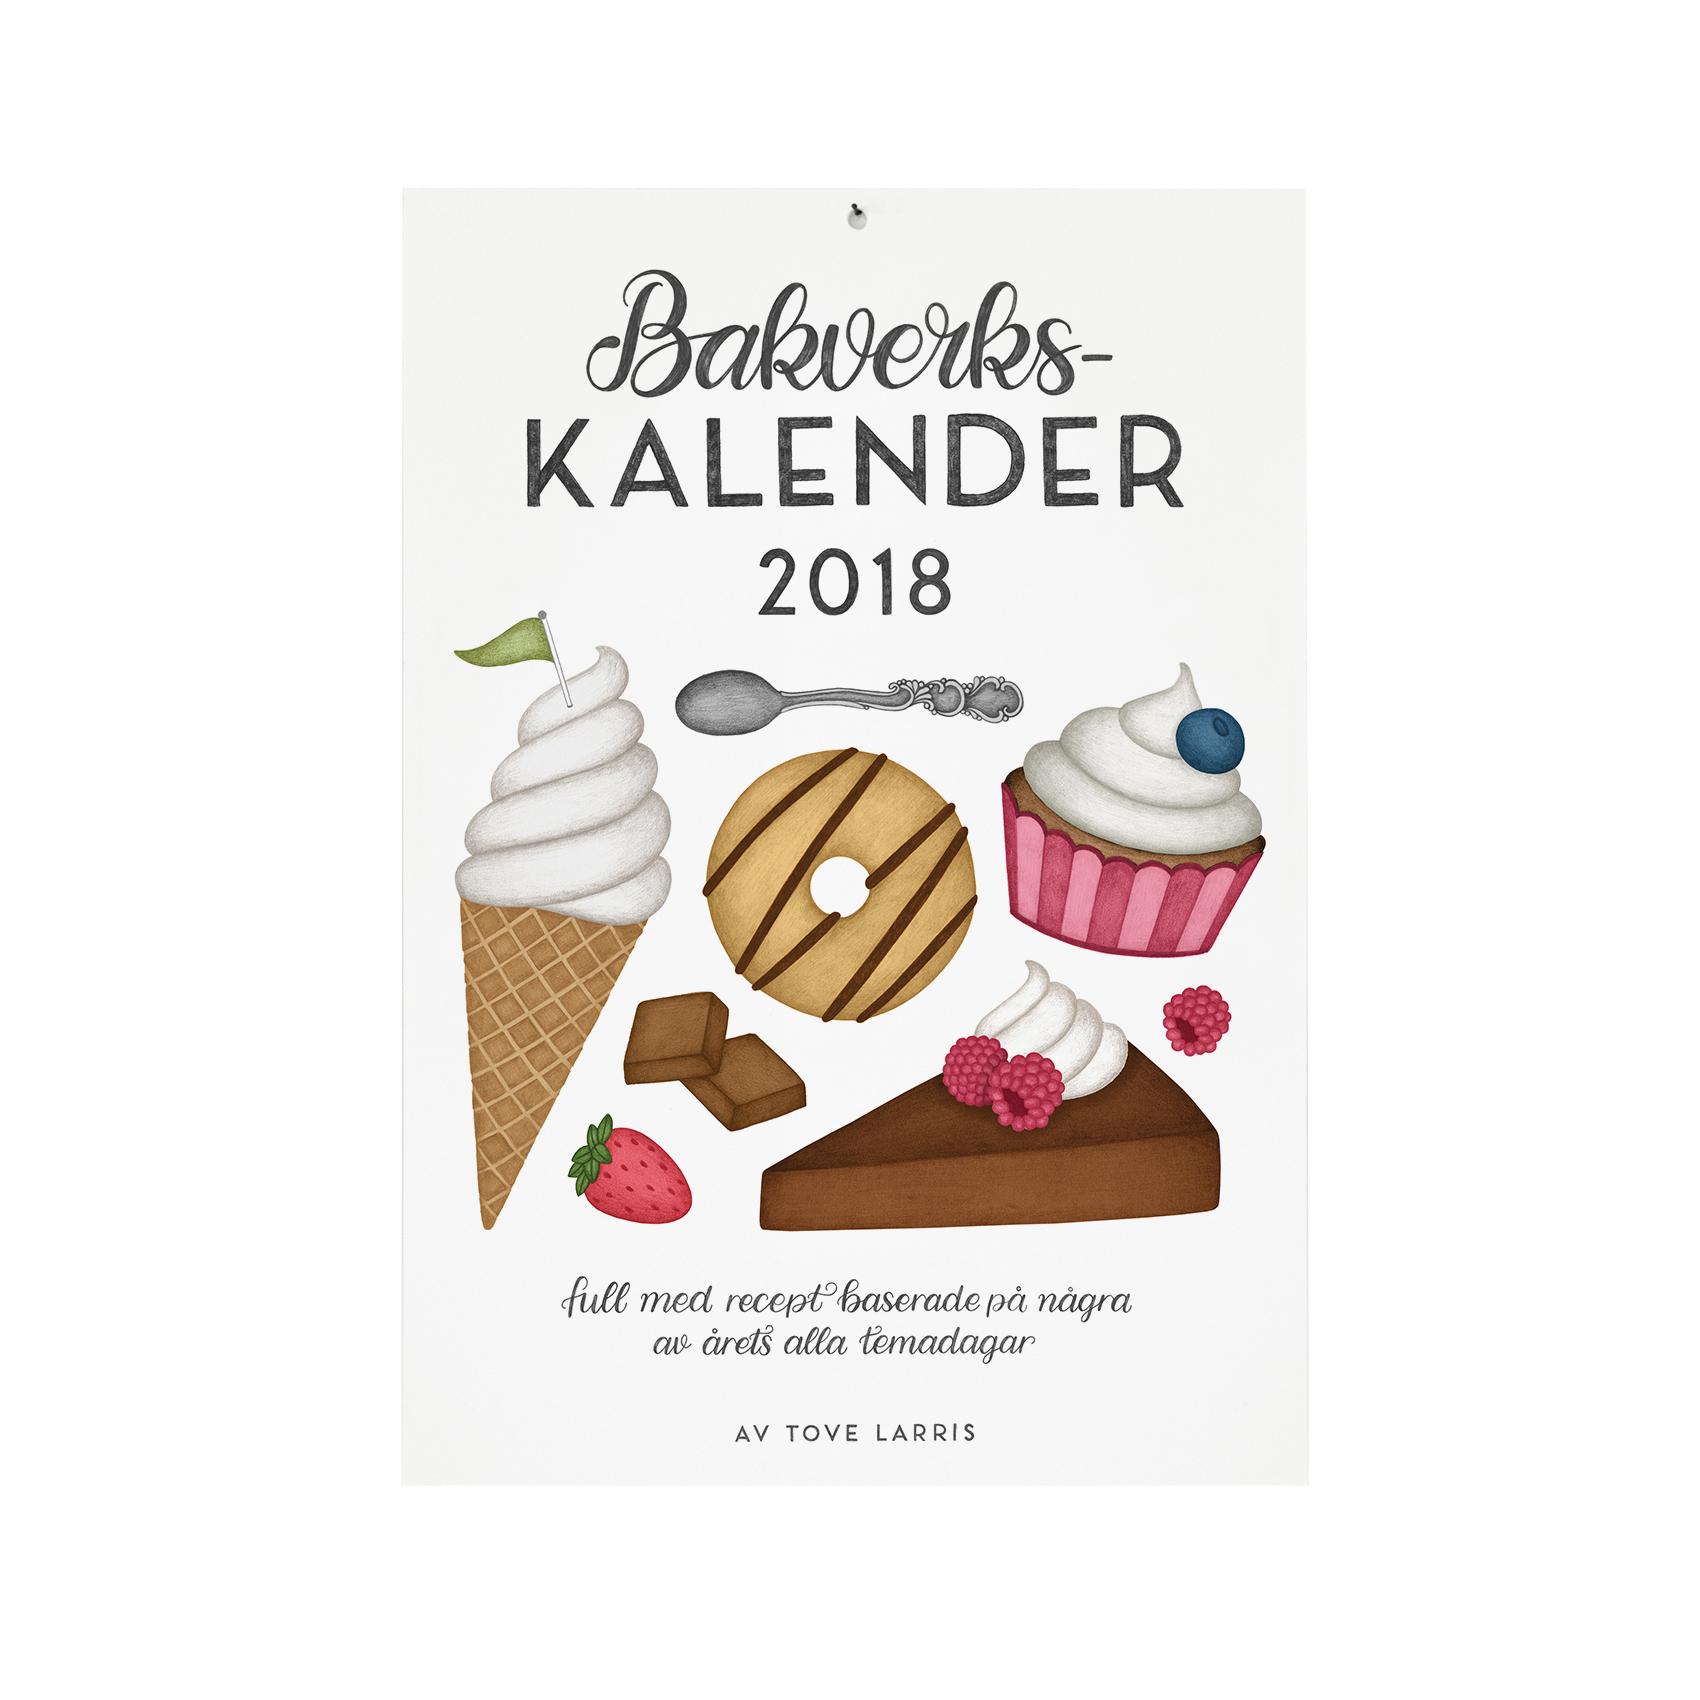 Bakverkskalender 2018 av Tovelisa med tolv recept